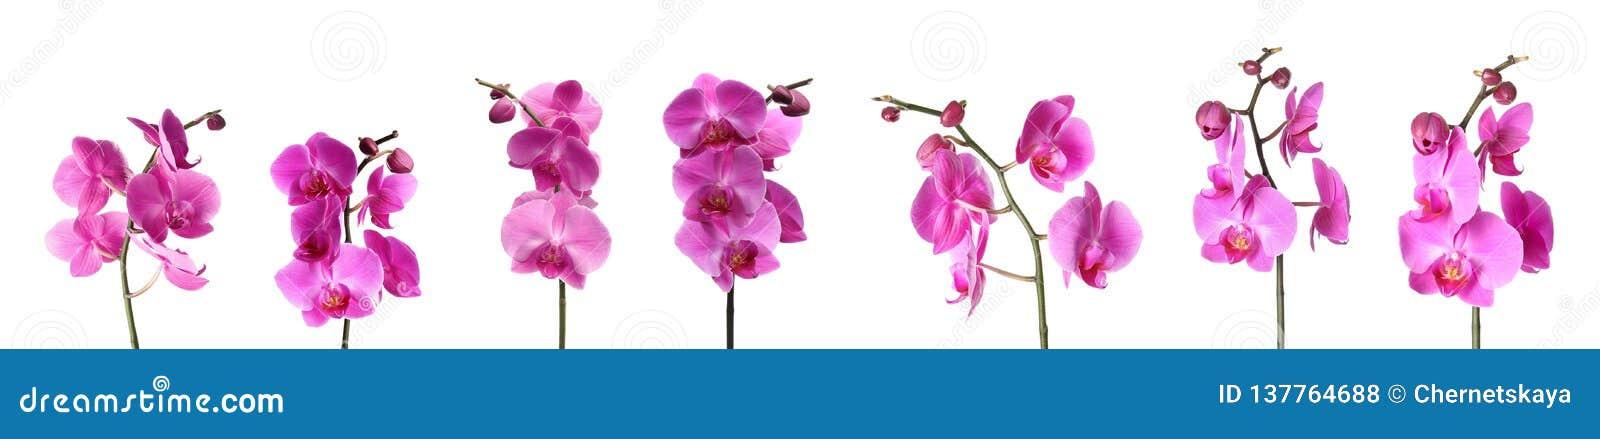 Σύνολο όμορφων πορφυρών λουλουδιών phalaenopsis ορχιδεών